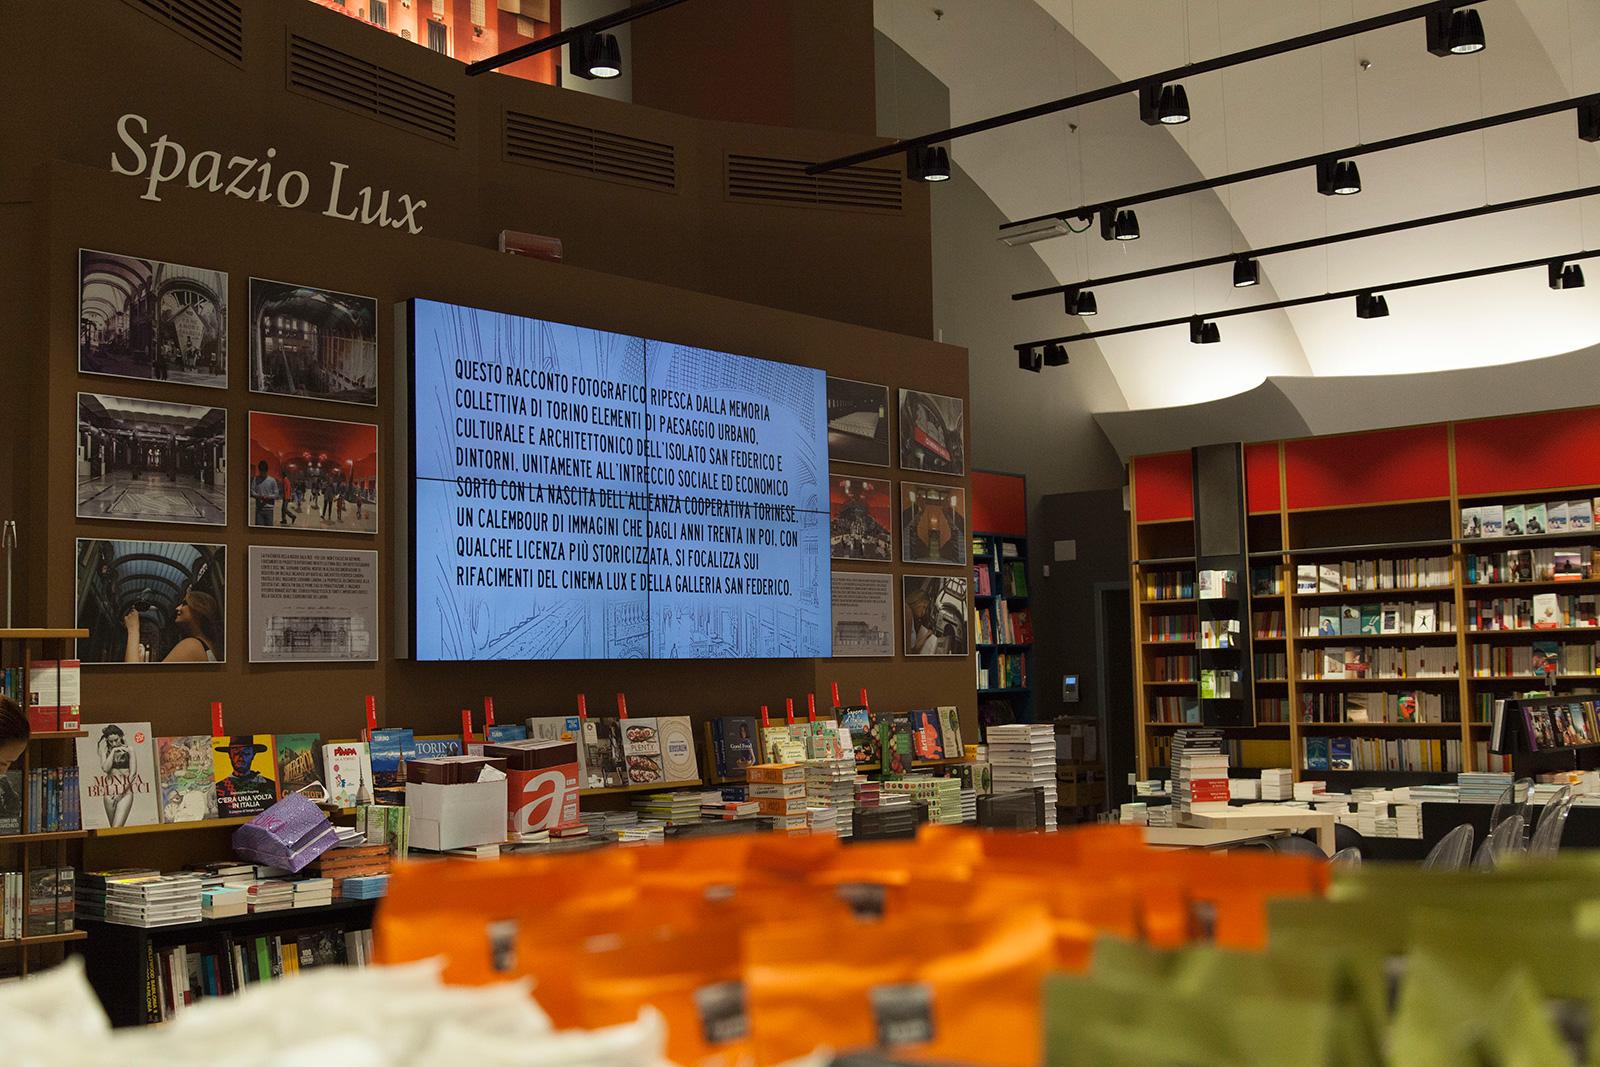 Ristorante La Credenza Galleria San Federico : Fiorfood apre a torino food web